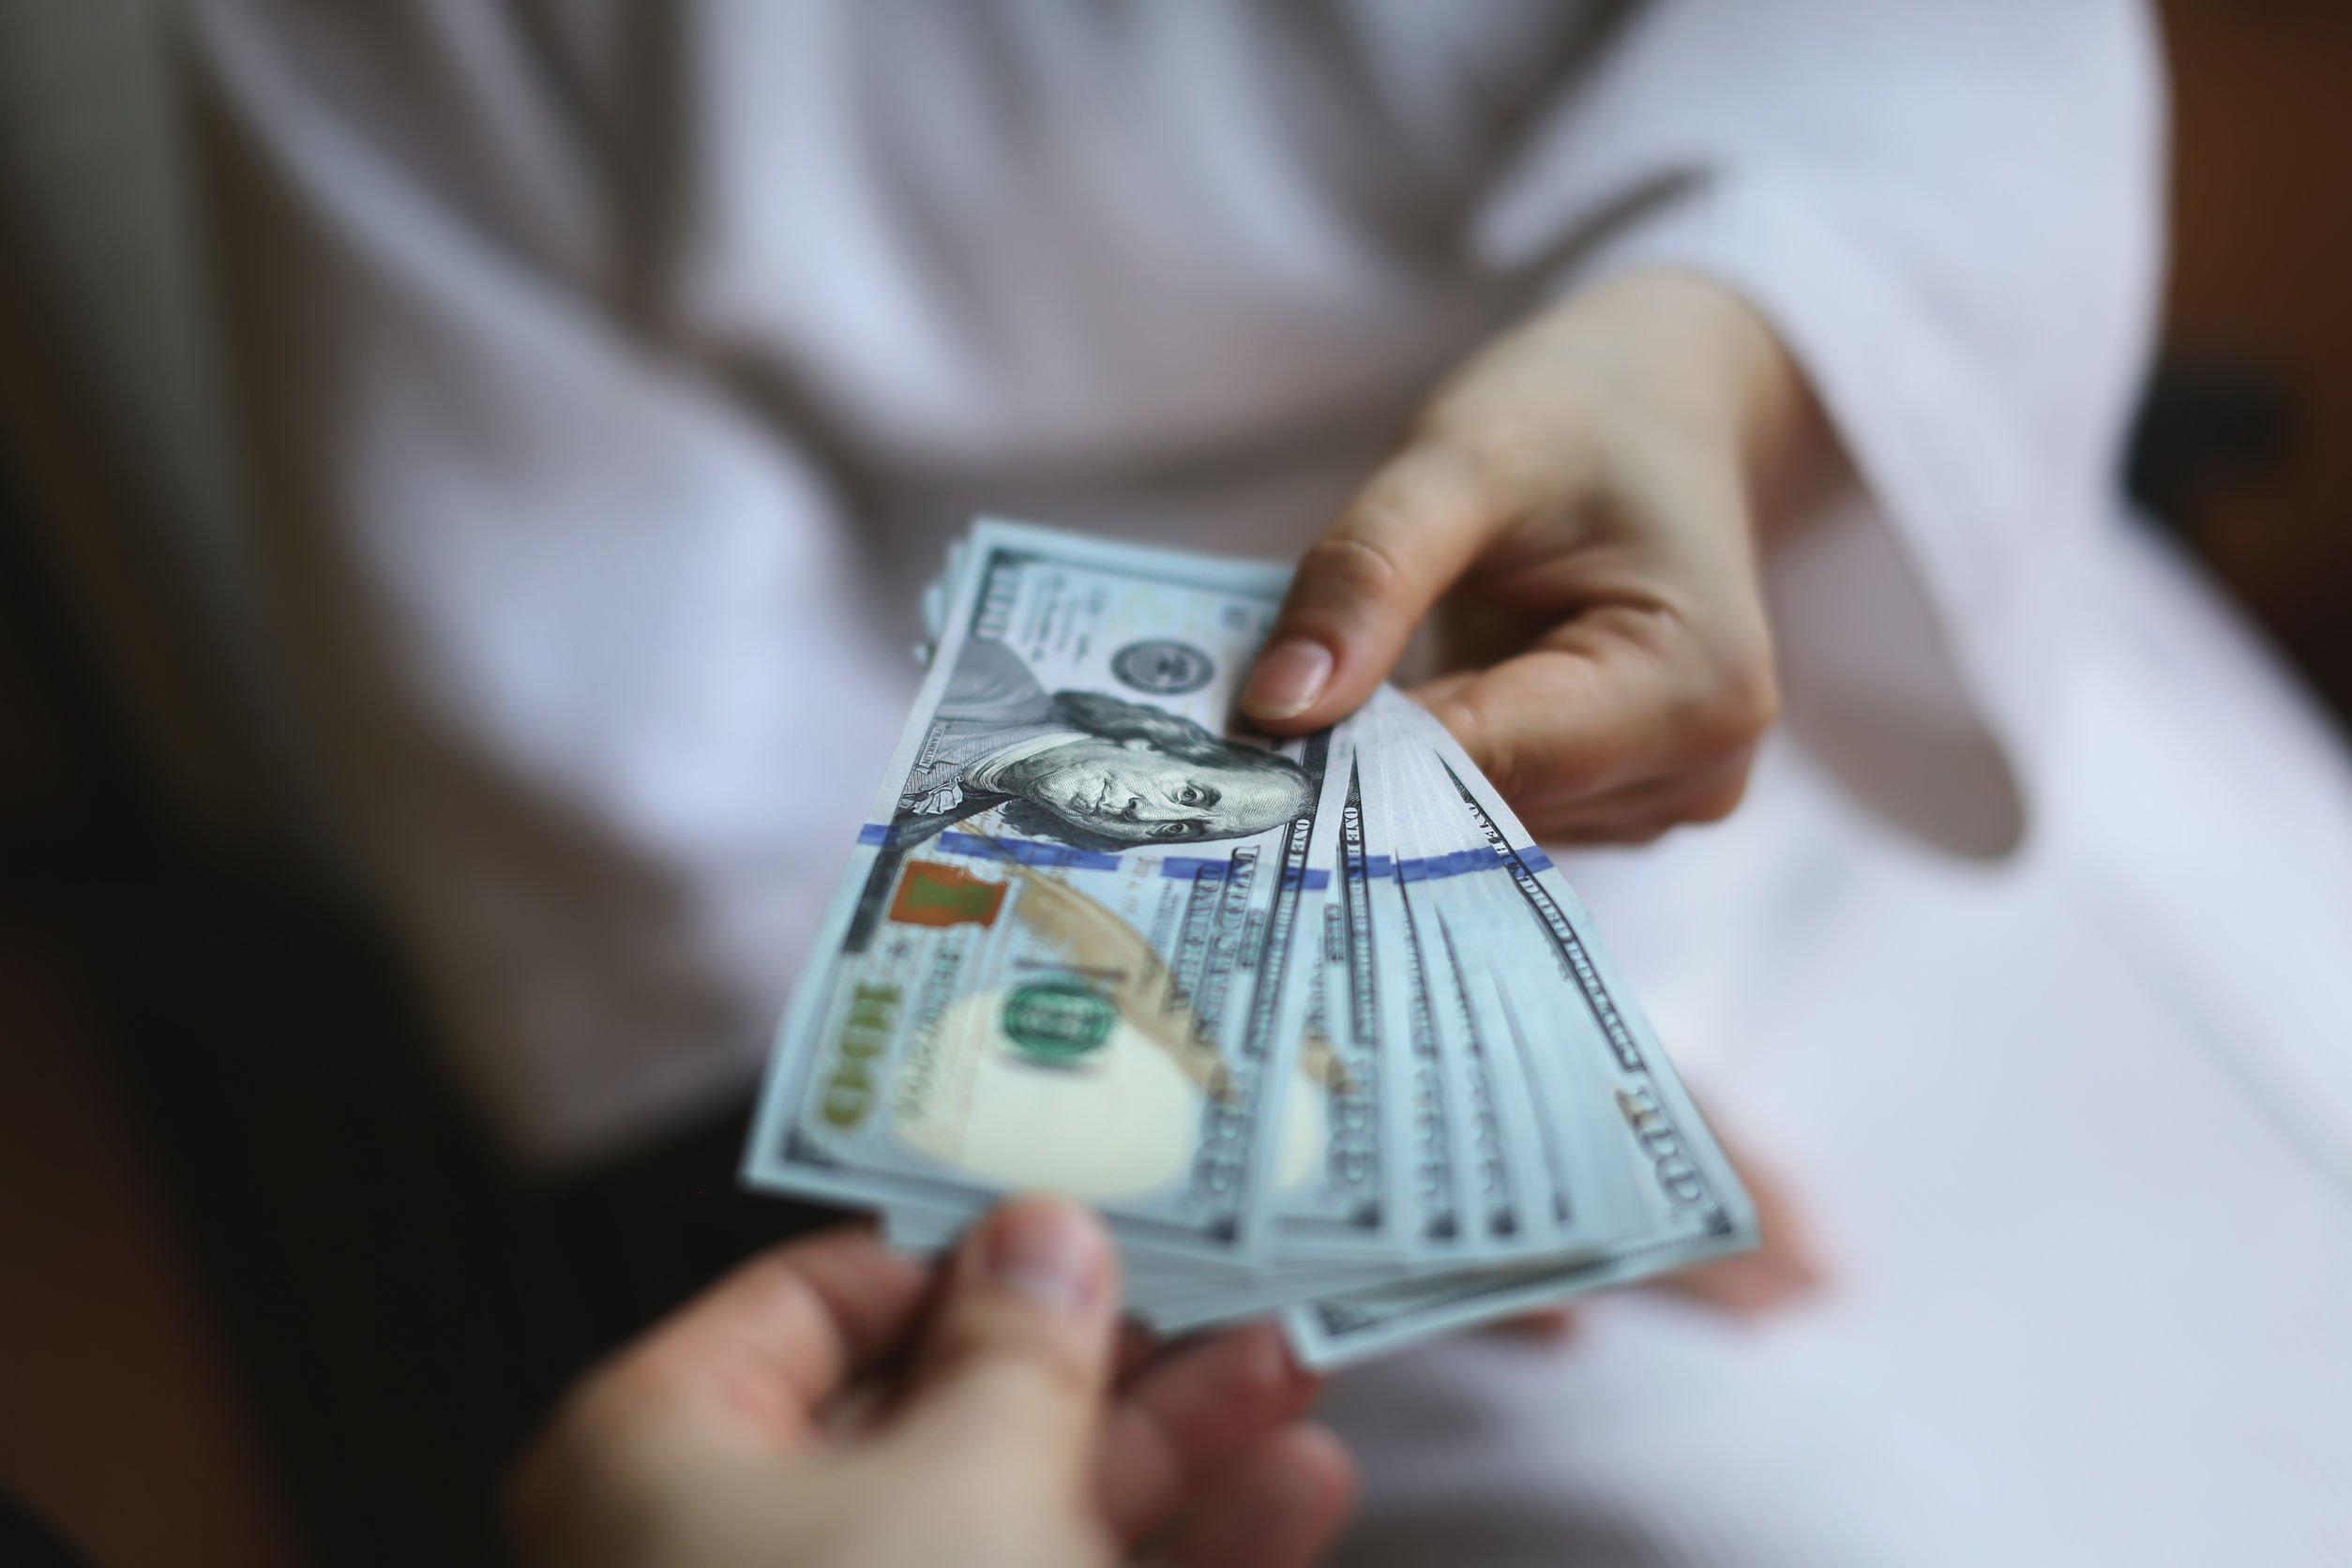 Pensioni: decreto ingiuntivo all'Inps senza opposizioni